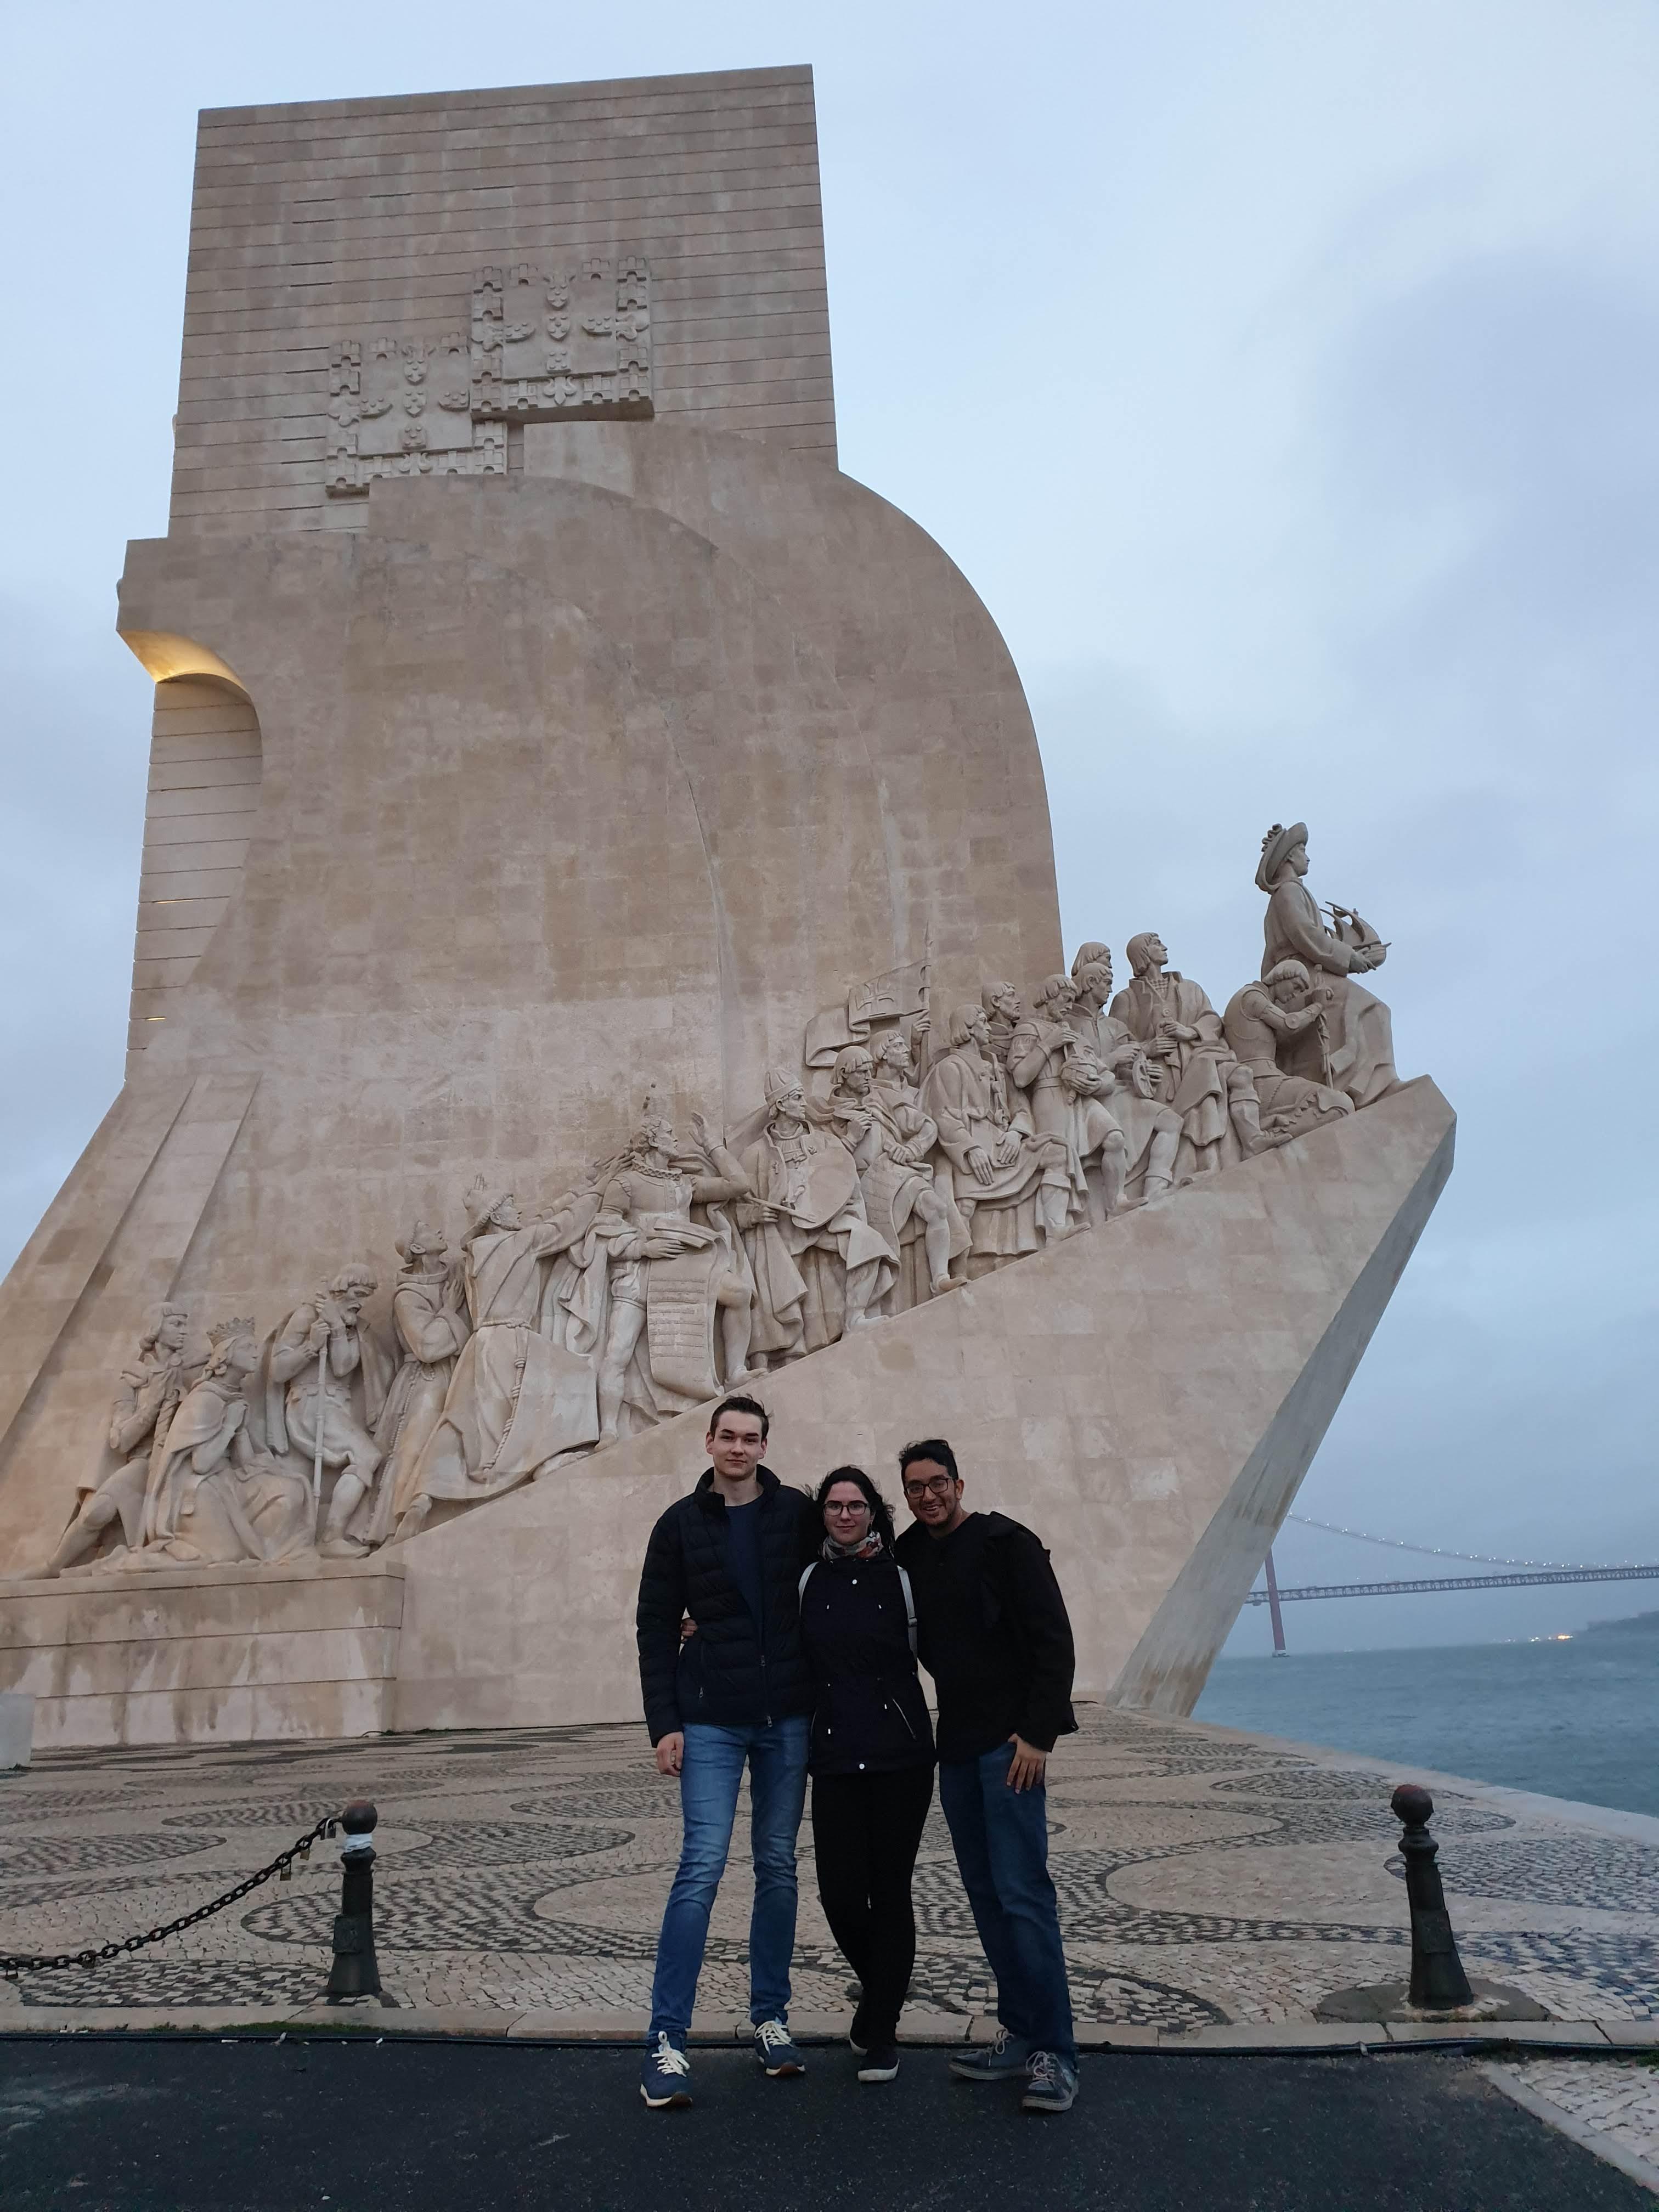 The Padrão dos Descobrimentos in Lisbon